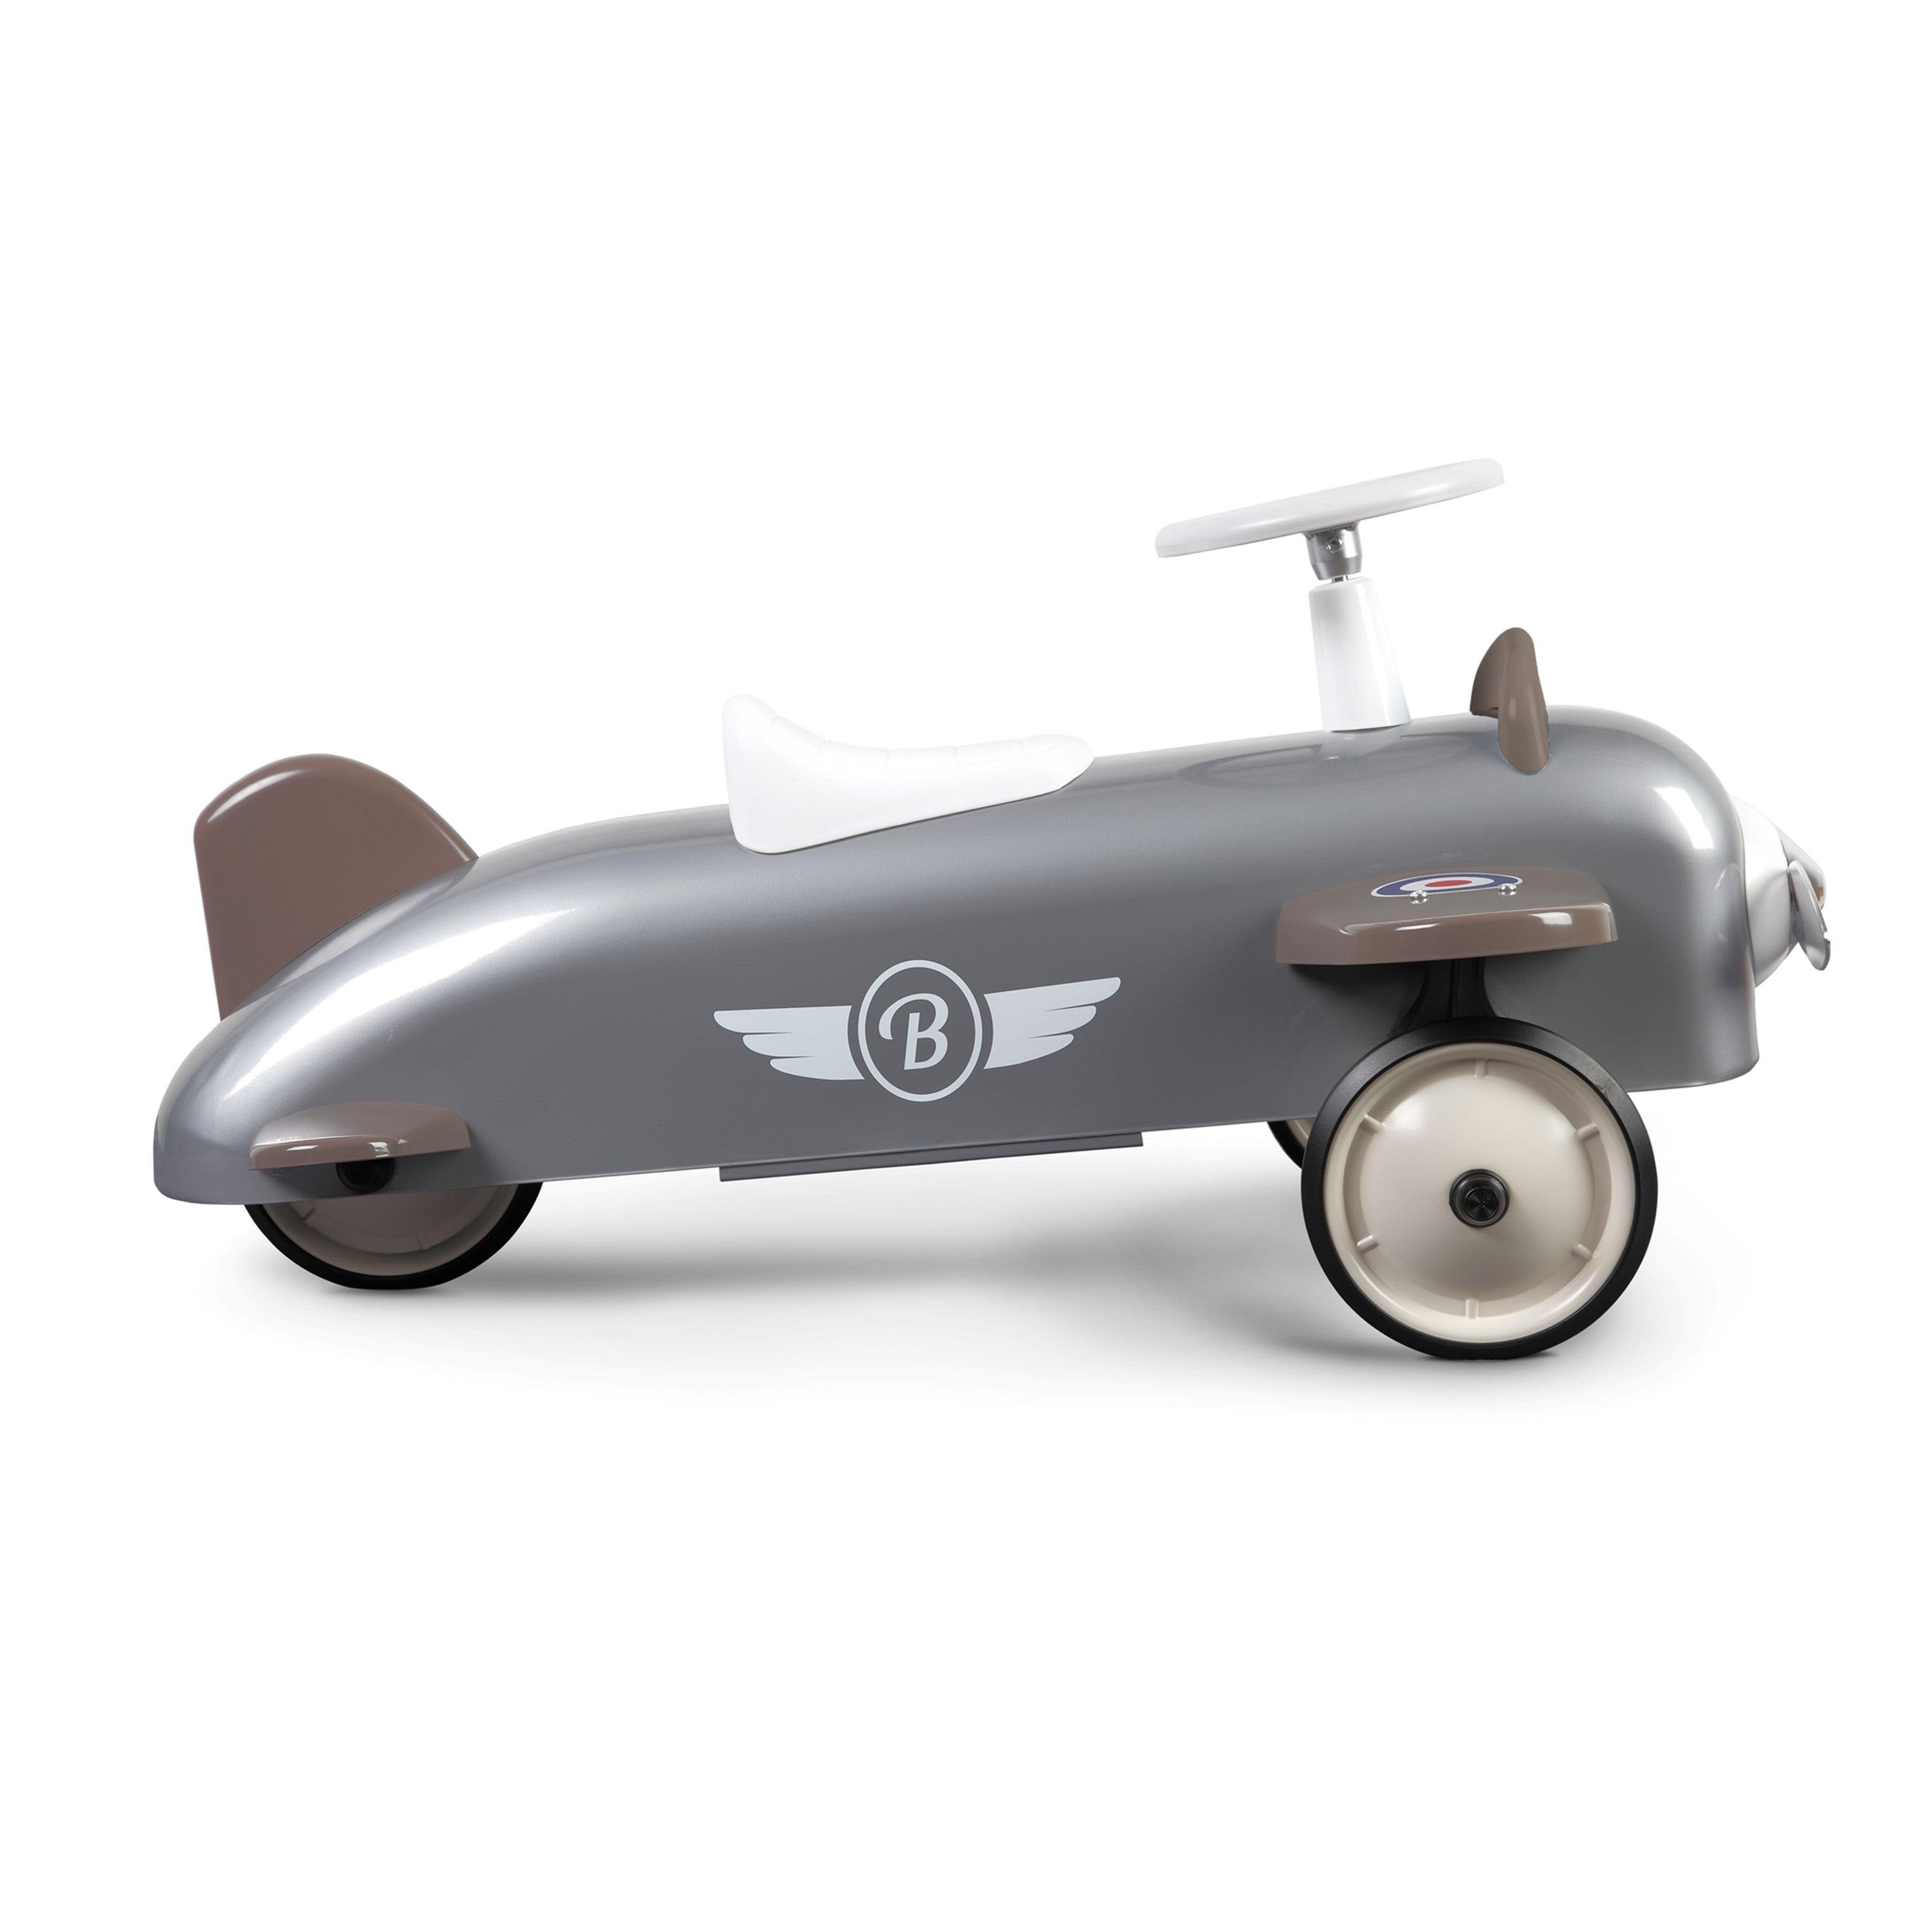 Porteur bébé avion